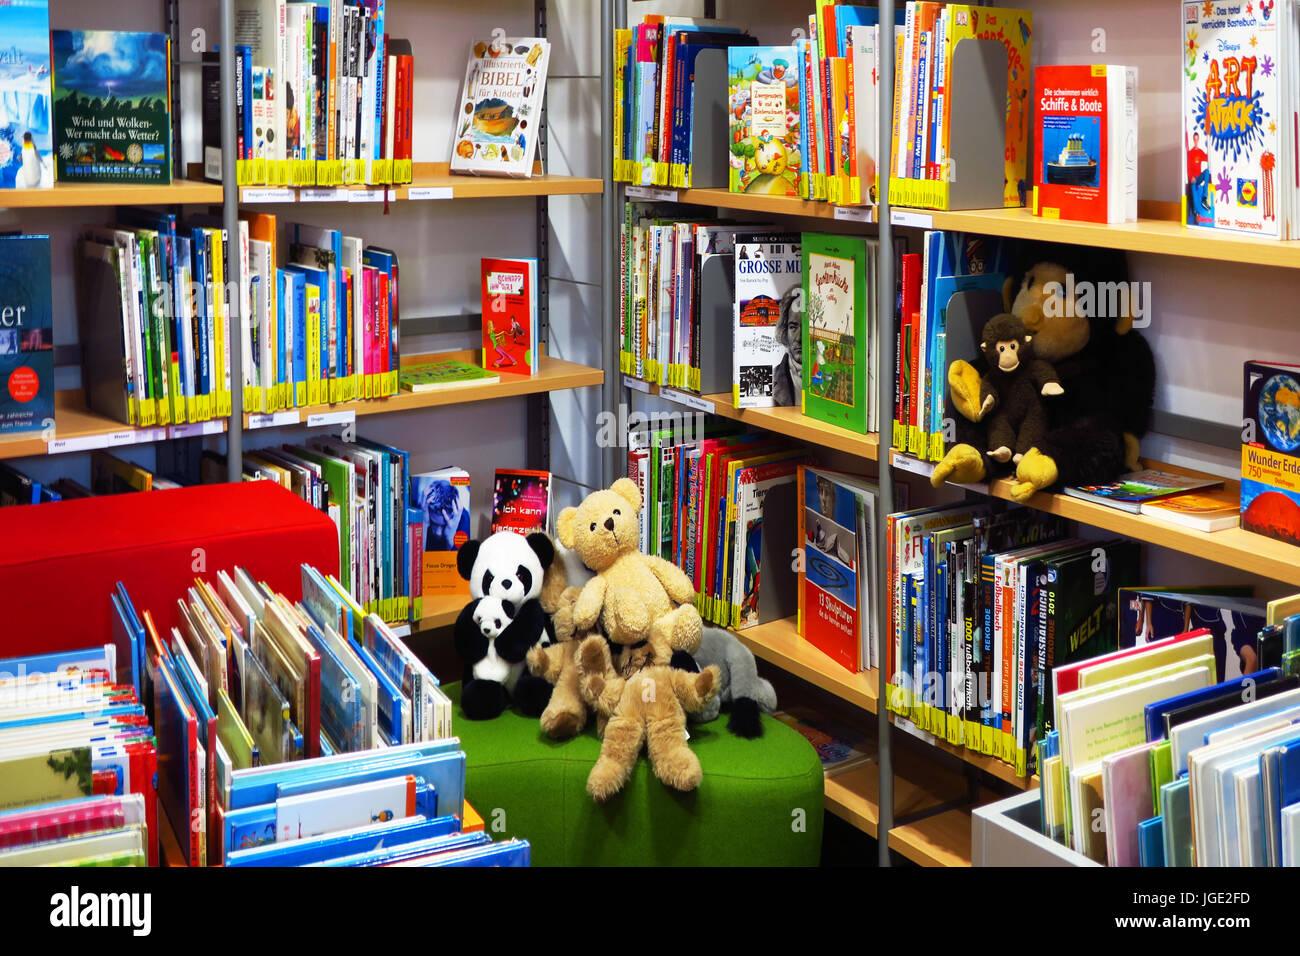 Books, library, read, book, paperback, paperbacks, shelve, bookshelf, children's books                                  , Buecher, Buecherei, lesen, B Stock Photo